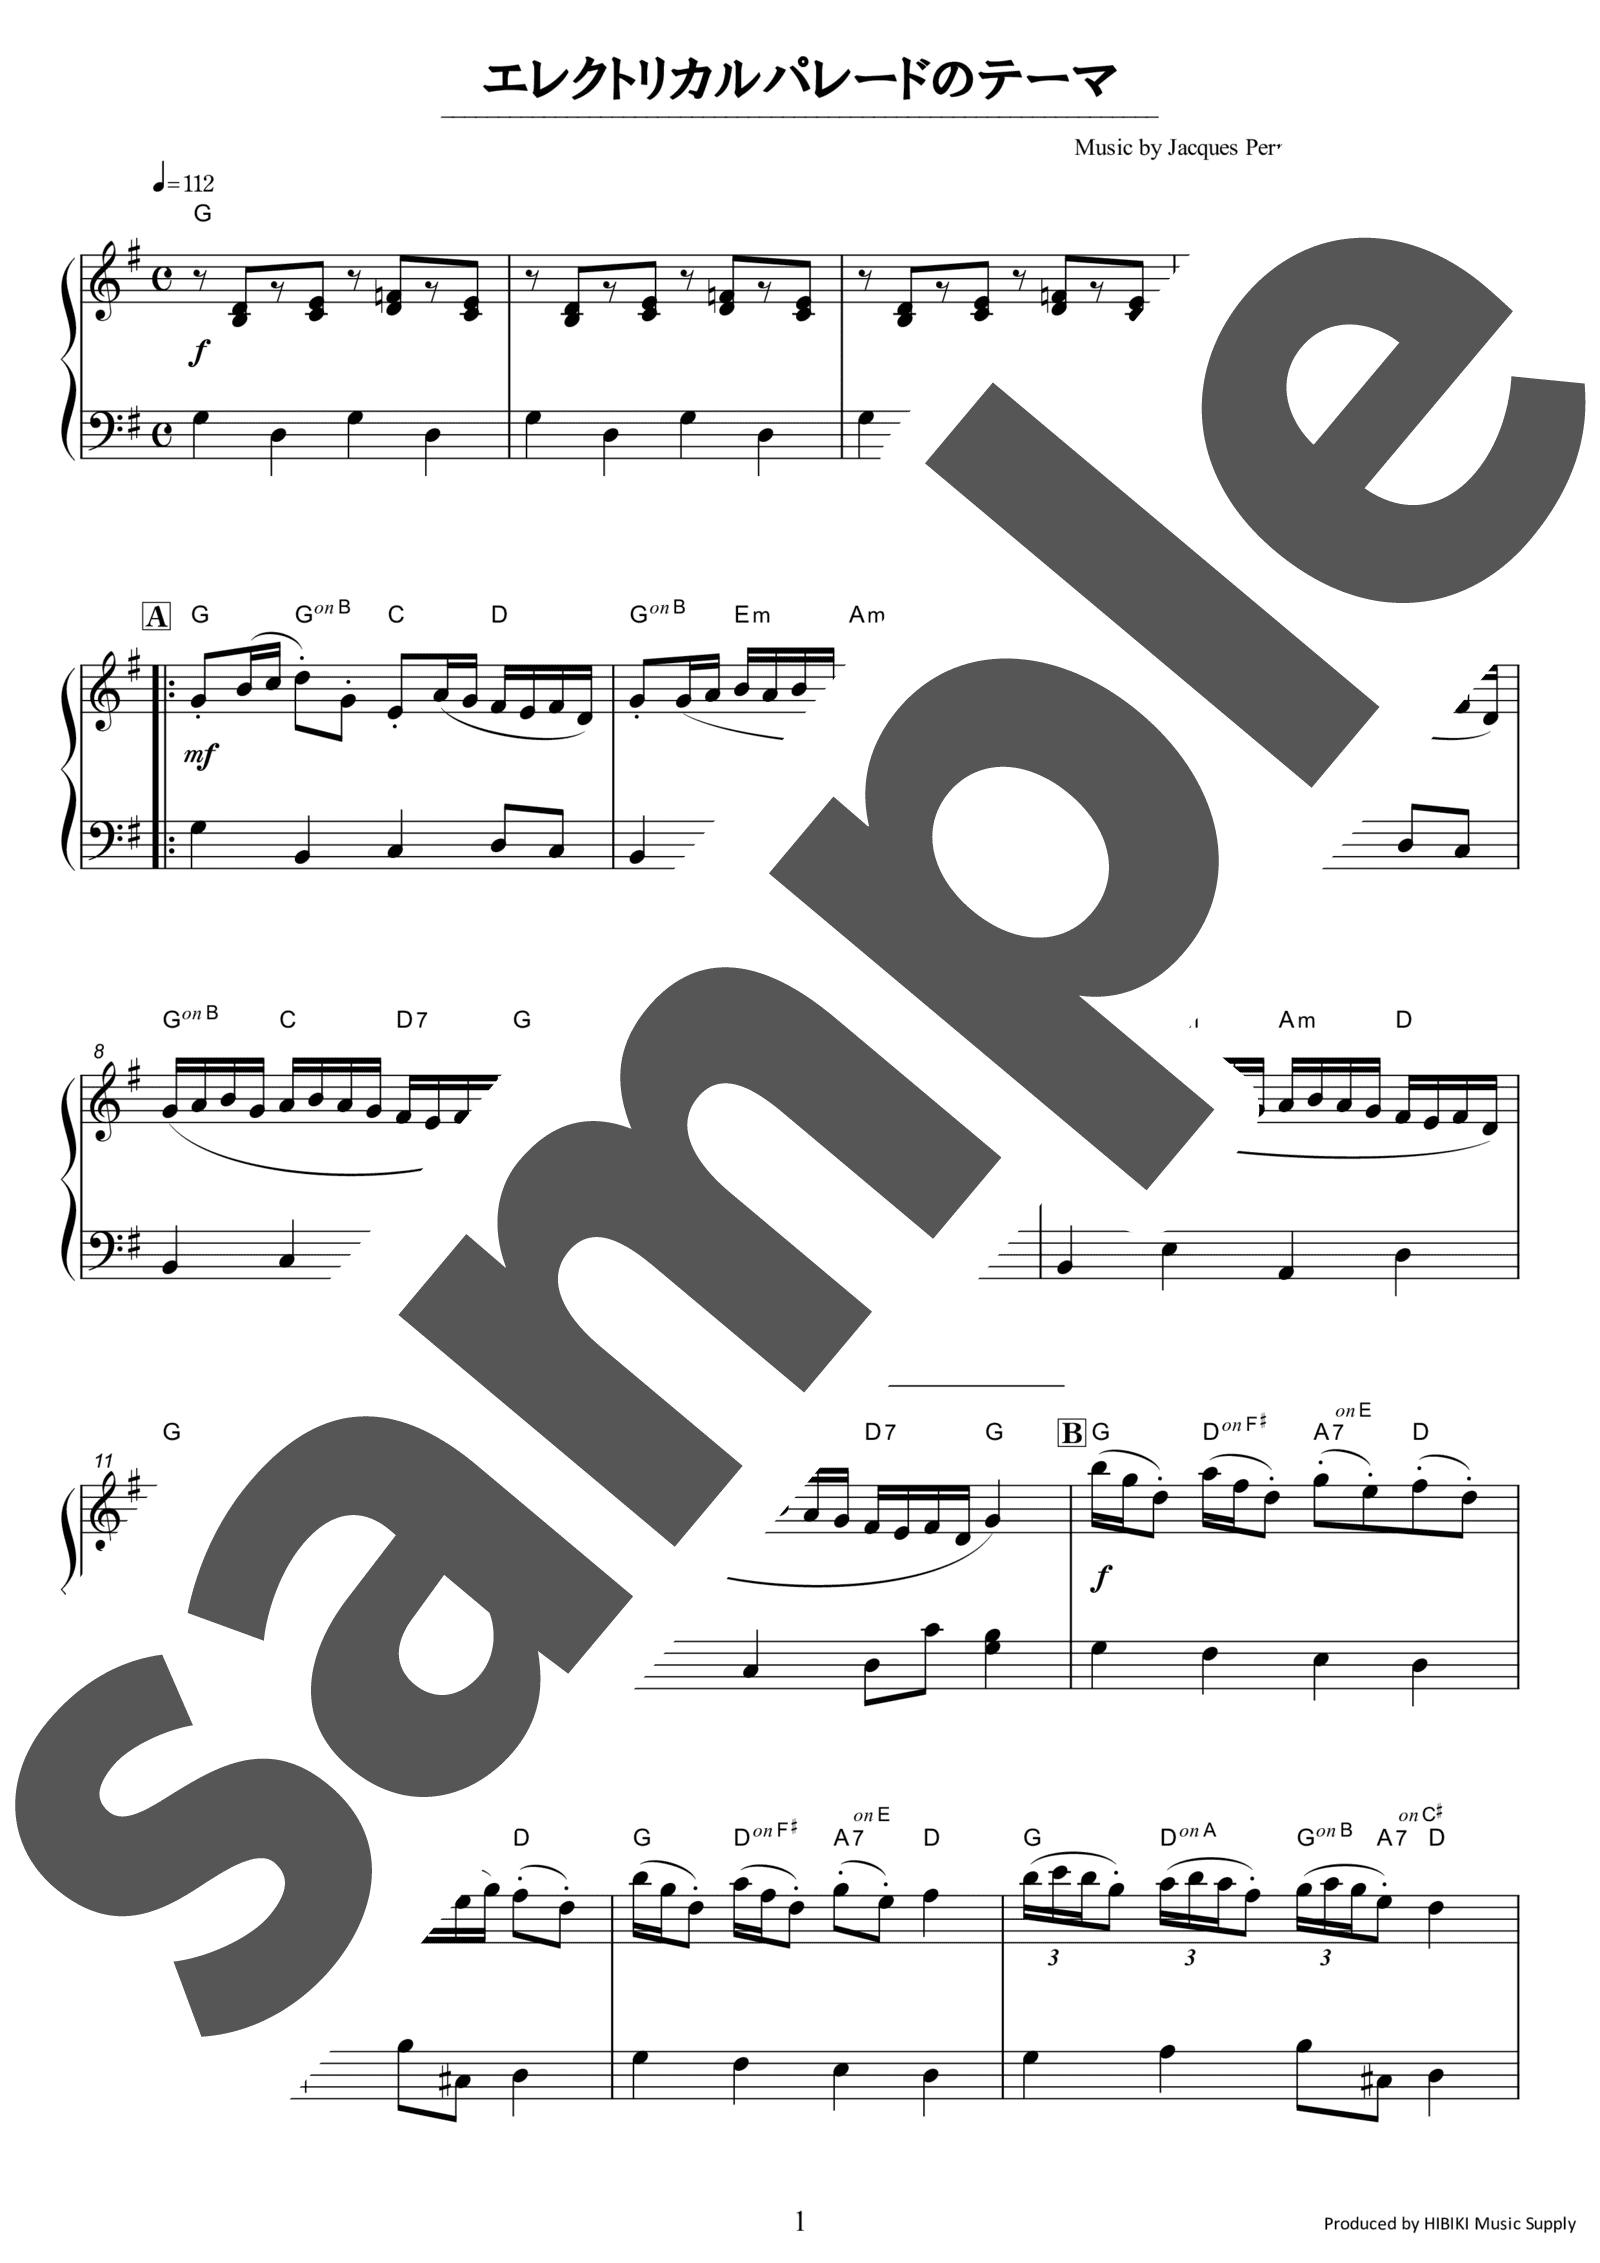 「エレクトリカル パレードのテーマ」のサンプル楽譜